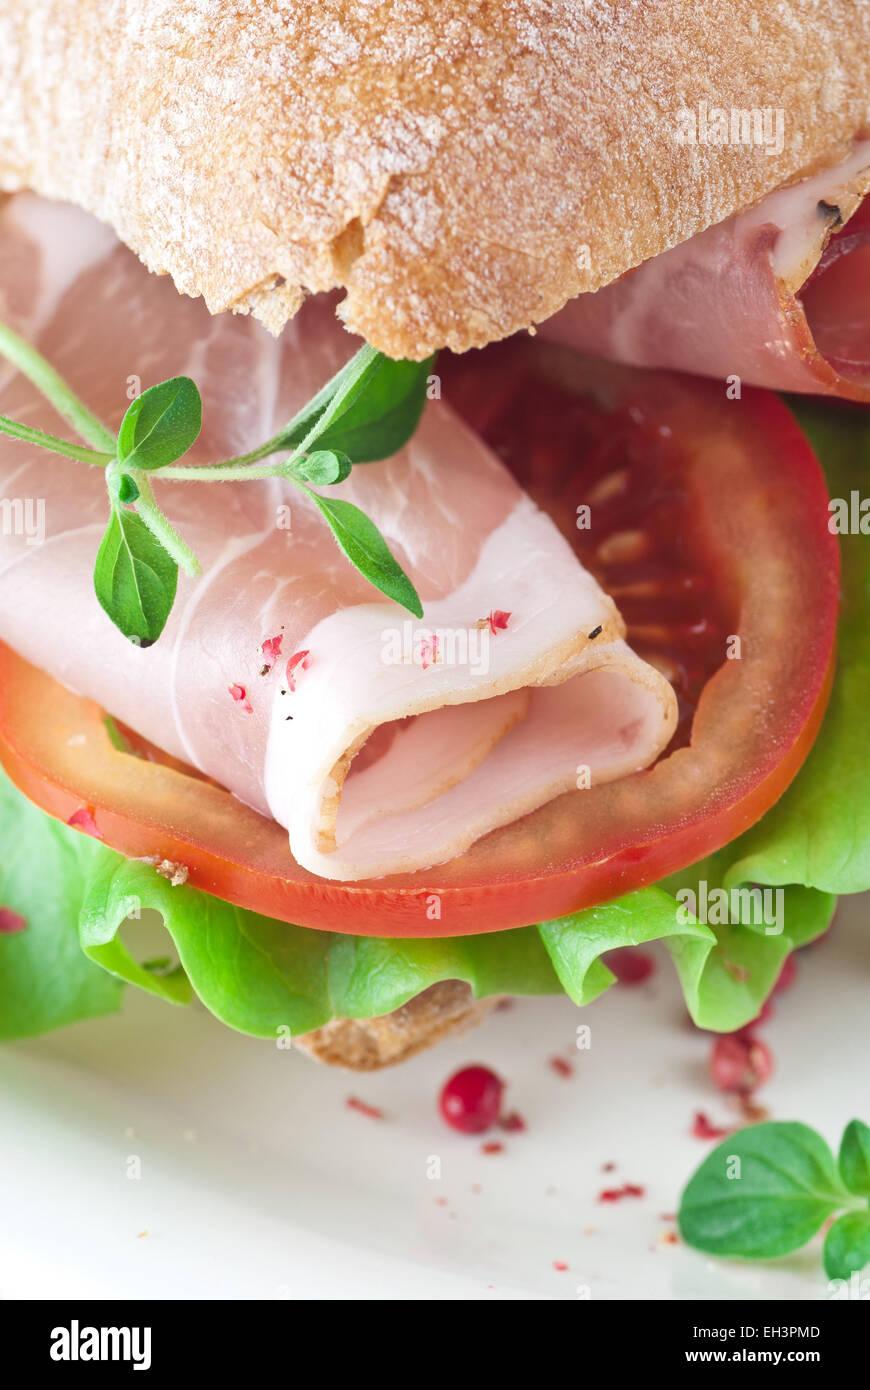 Ciabatta sandwich with ham, tomato and lettuce. - Stock Image